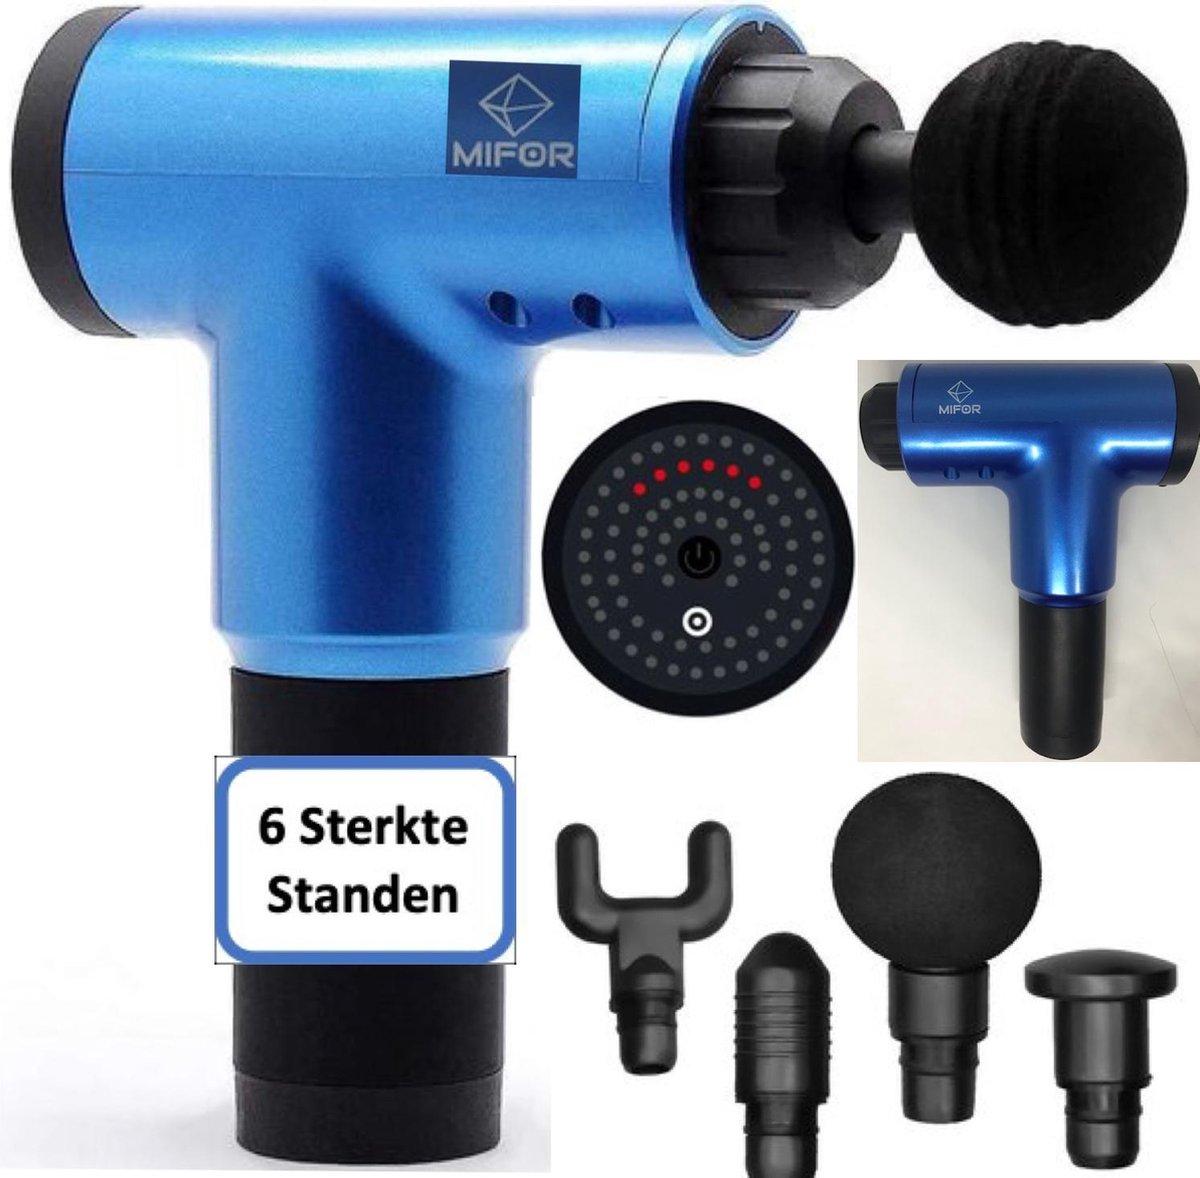 MIFOR  Populair Massage Gun - Lange Batterij - 4 Verschillende Opzetstukken - Blauw